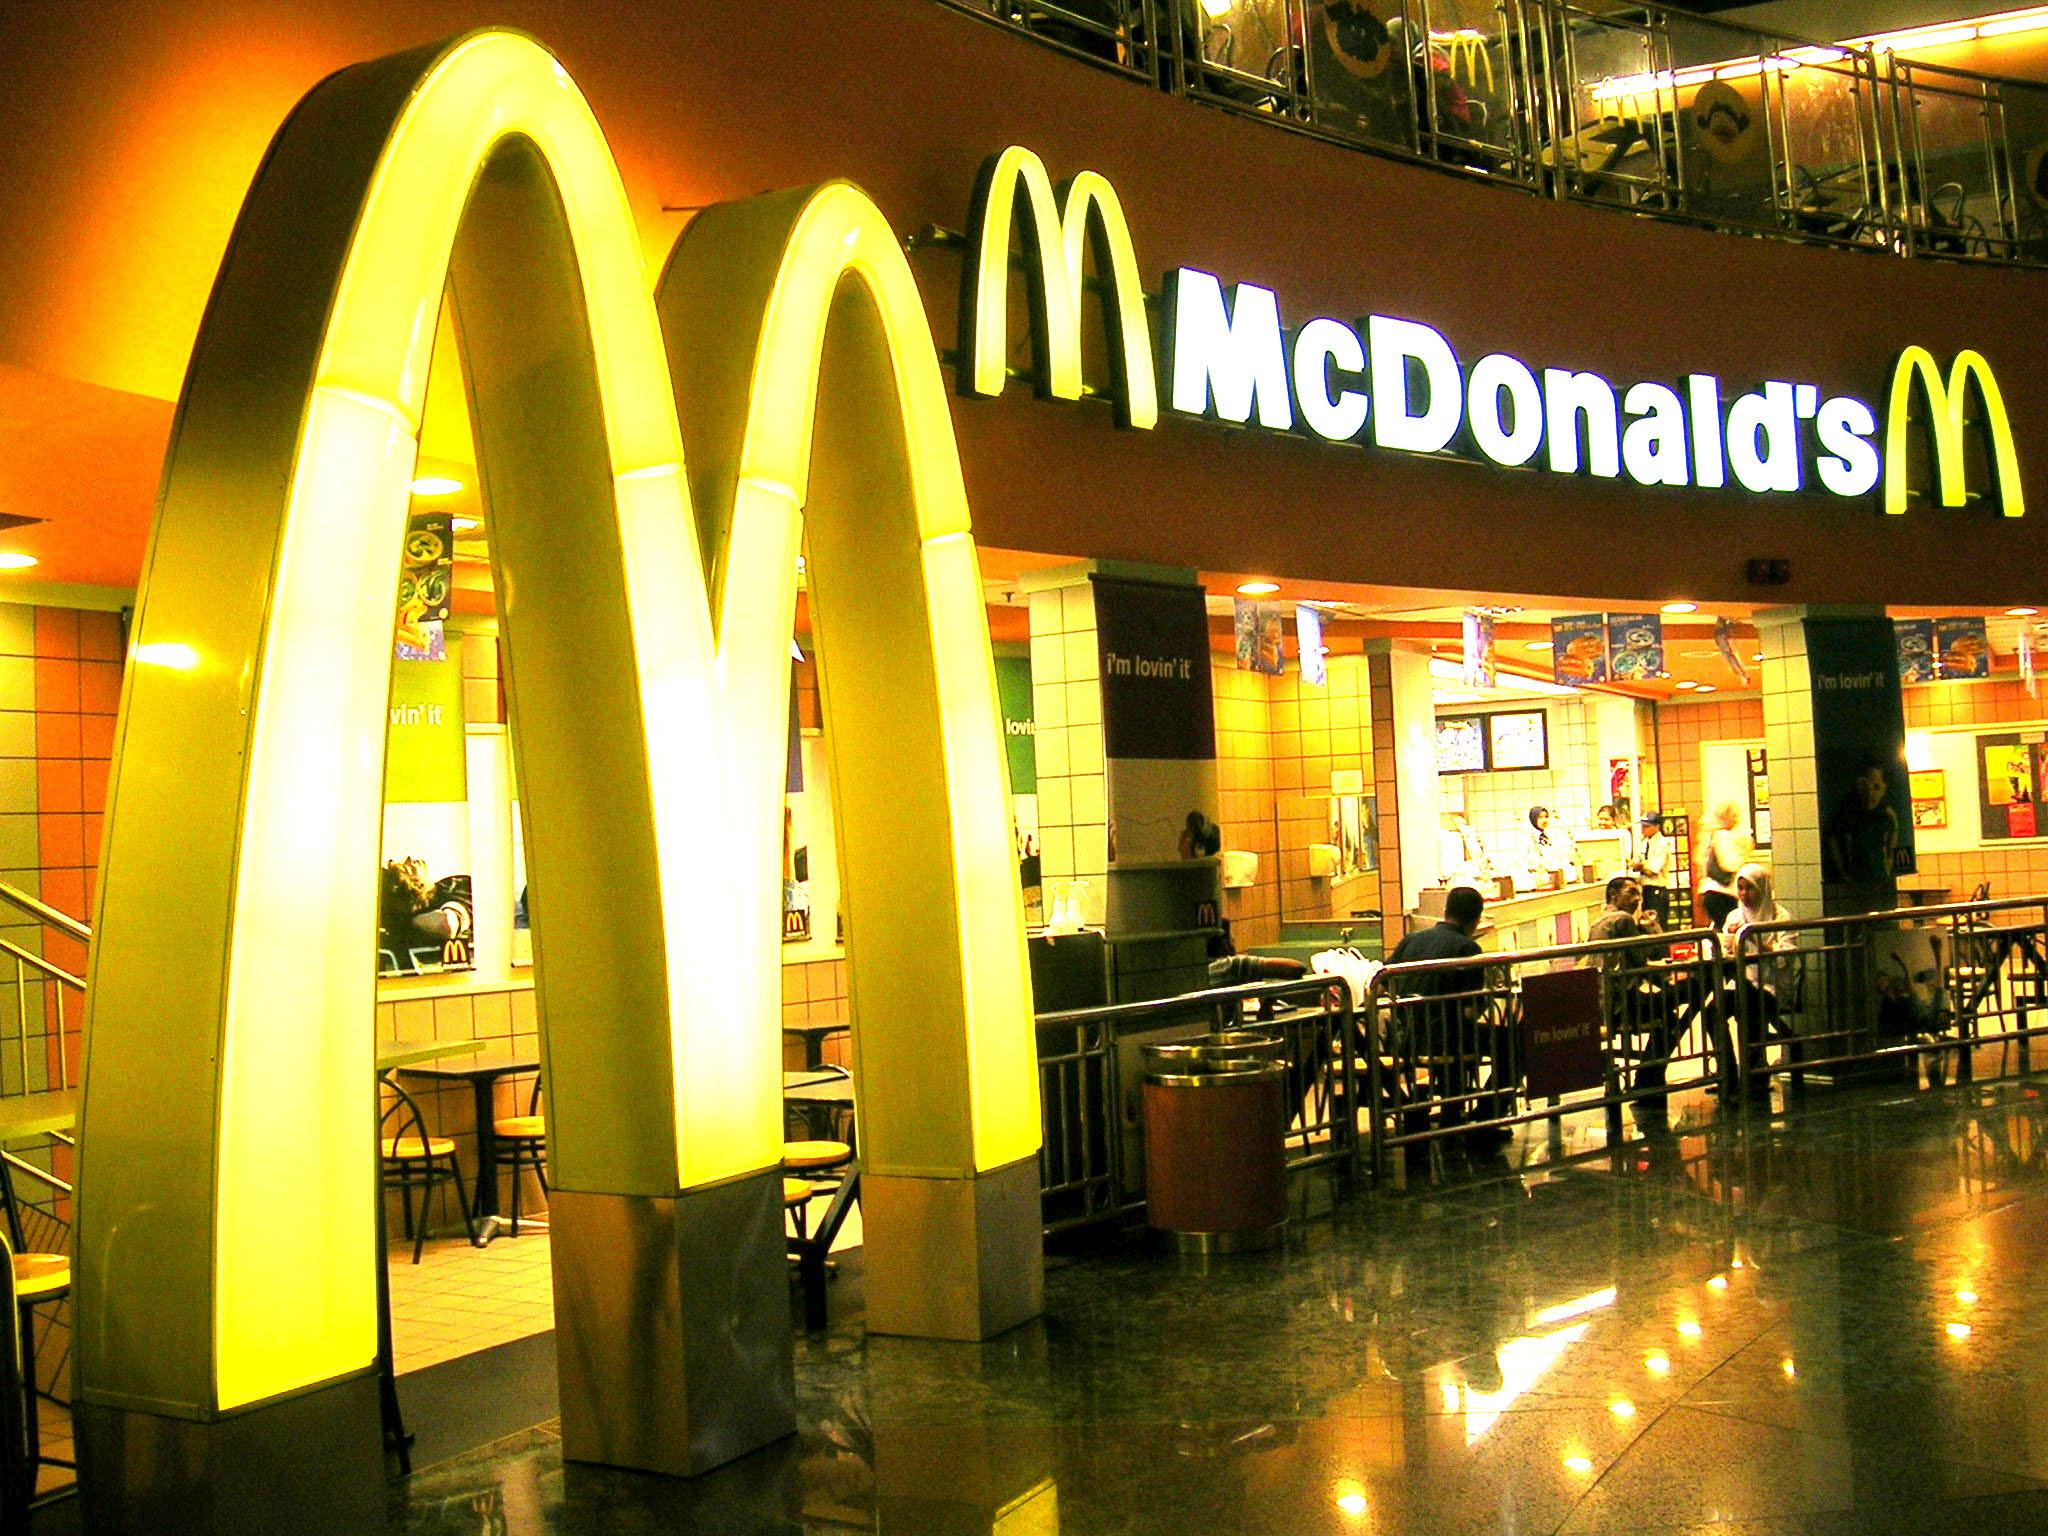 McDonald's-ը հետաքրքրված է Իրանական շուկայով